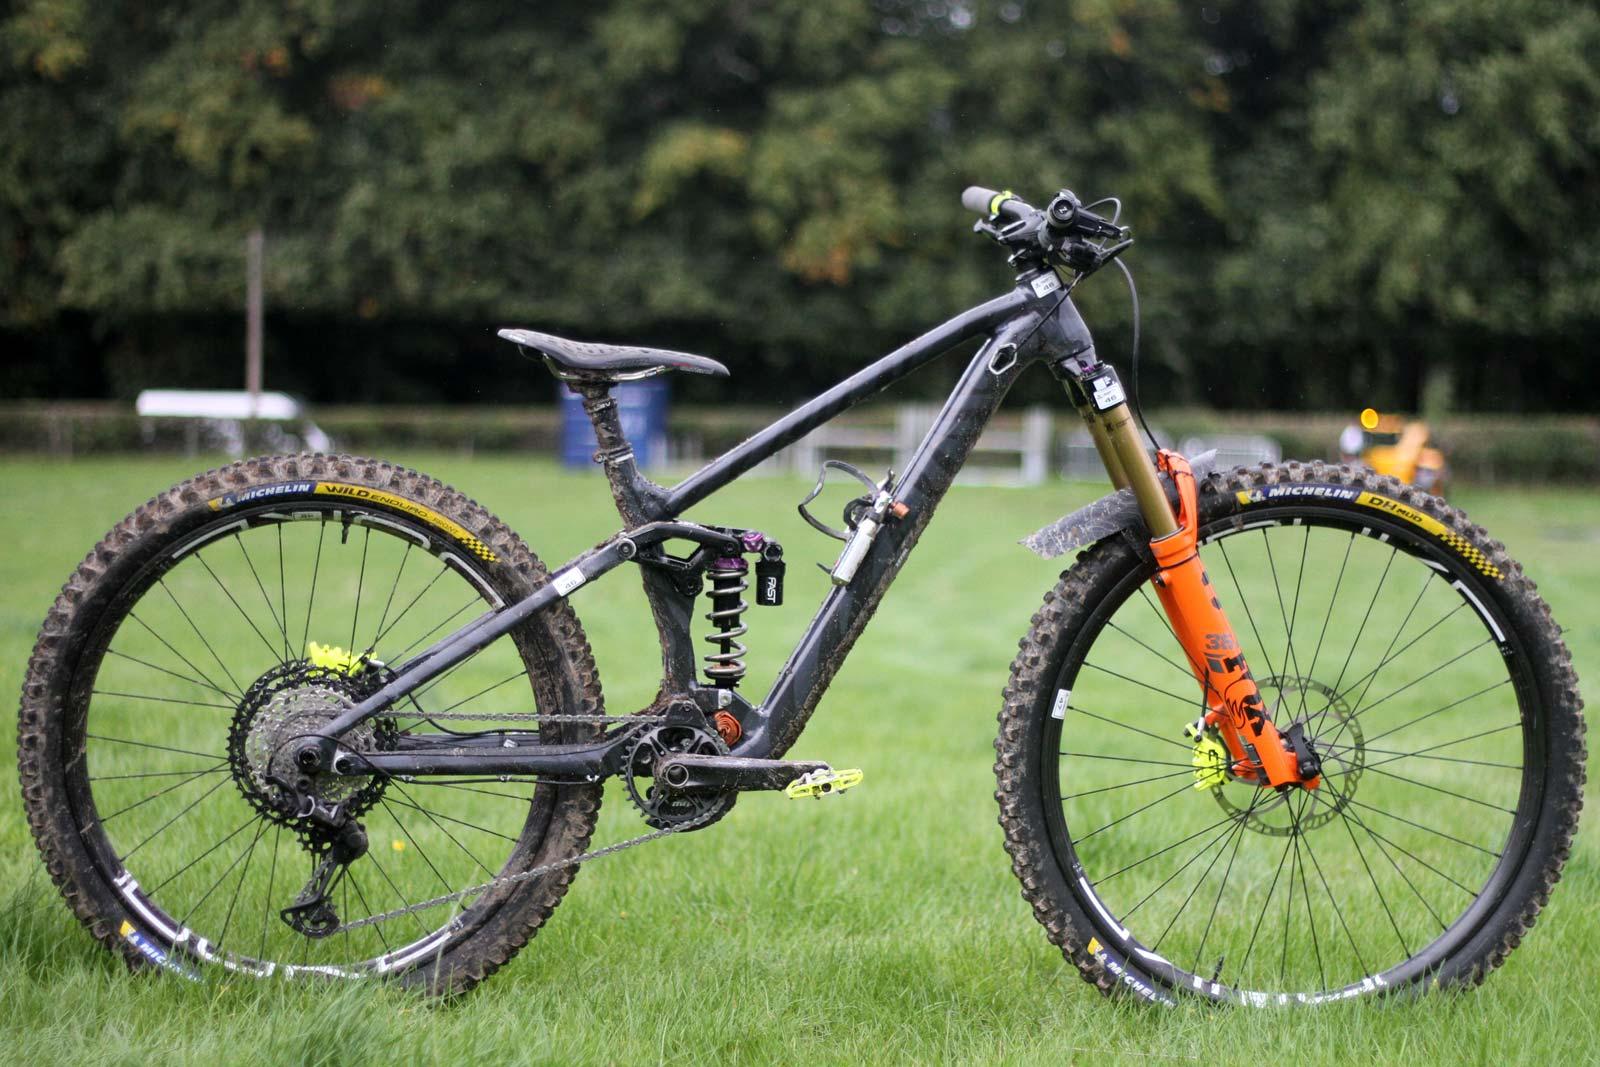 rossignol heretic xs mullet enduro race bike estelle charles ews tweed valley 2021